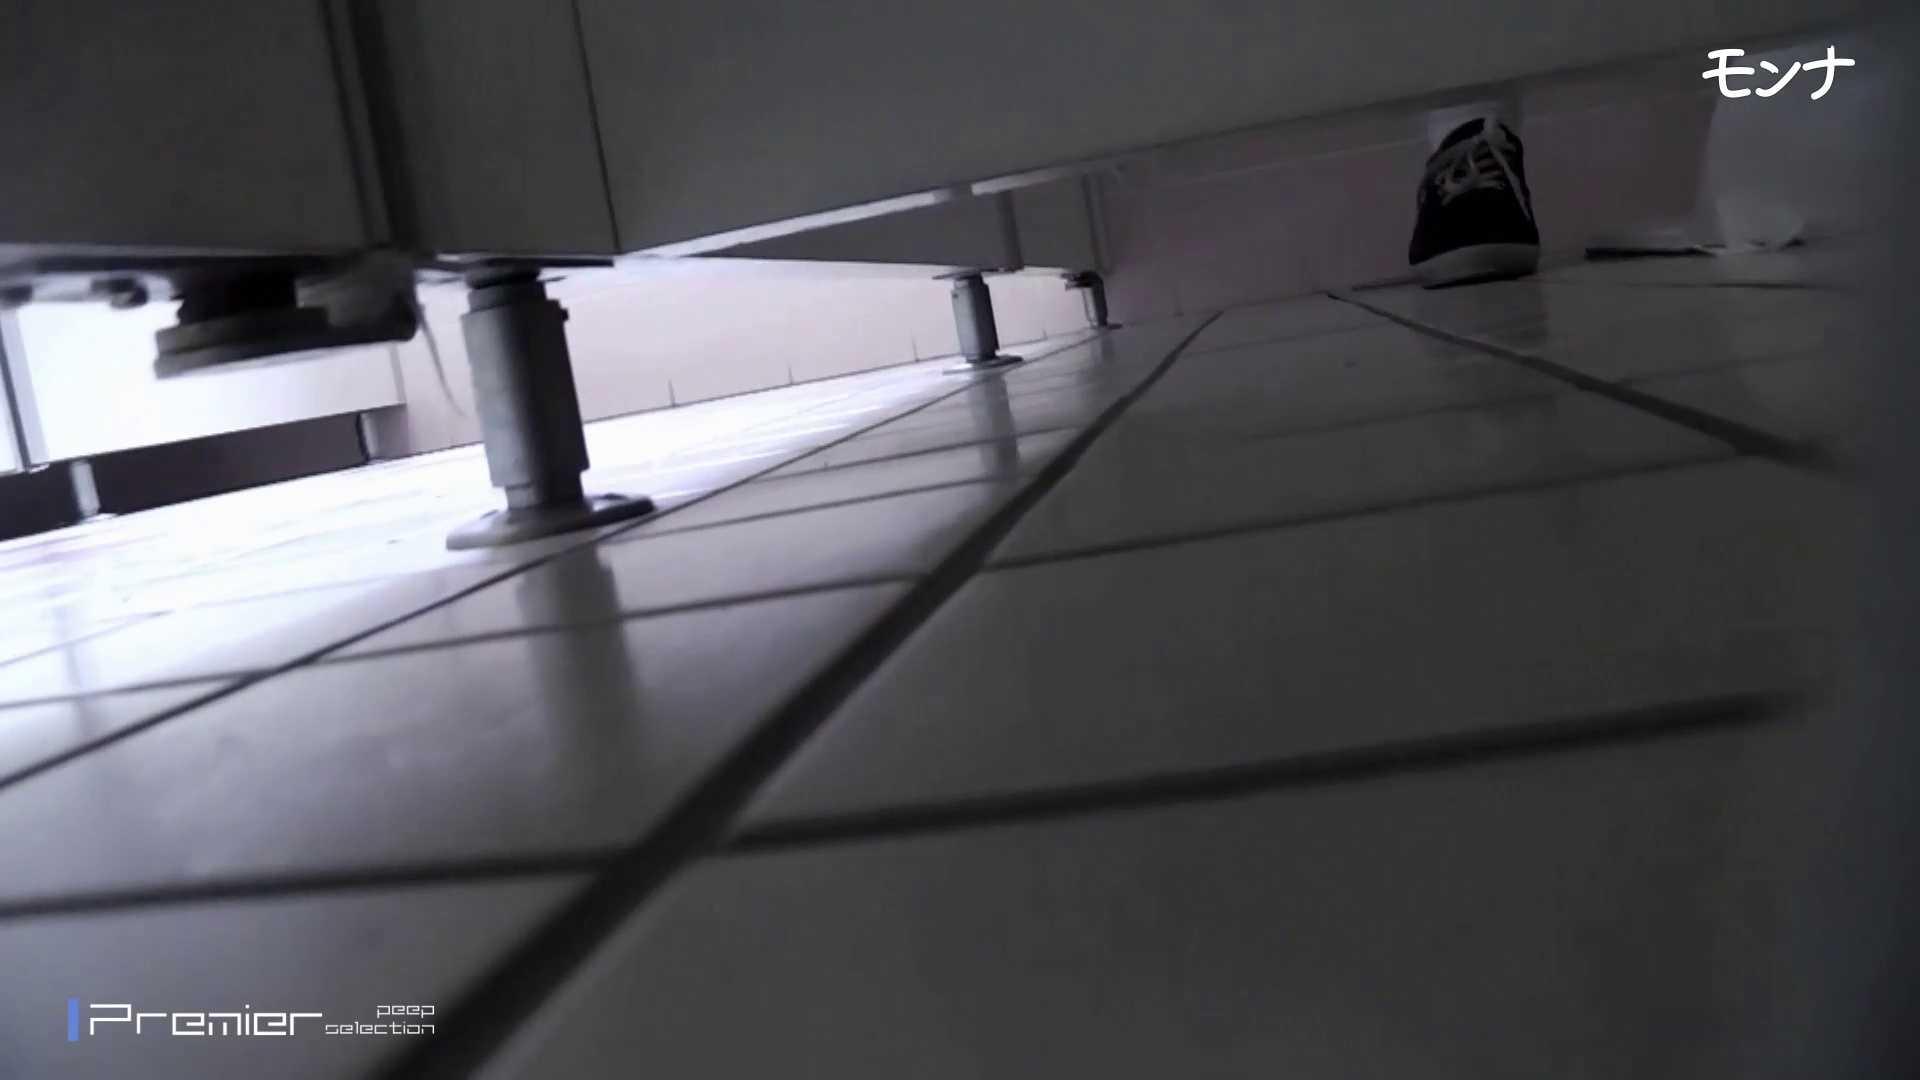 美しい日本の未来 No.73 自然なセクシーな仕草に感動中 盗撮映像大放出 おまんこ無修正動画無料 100連発 5